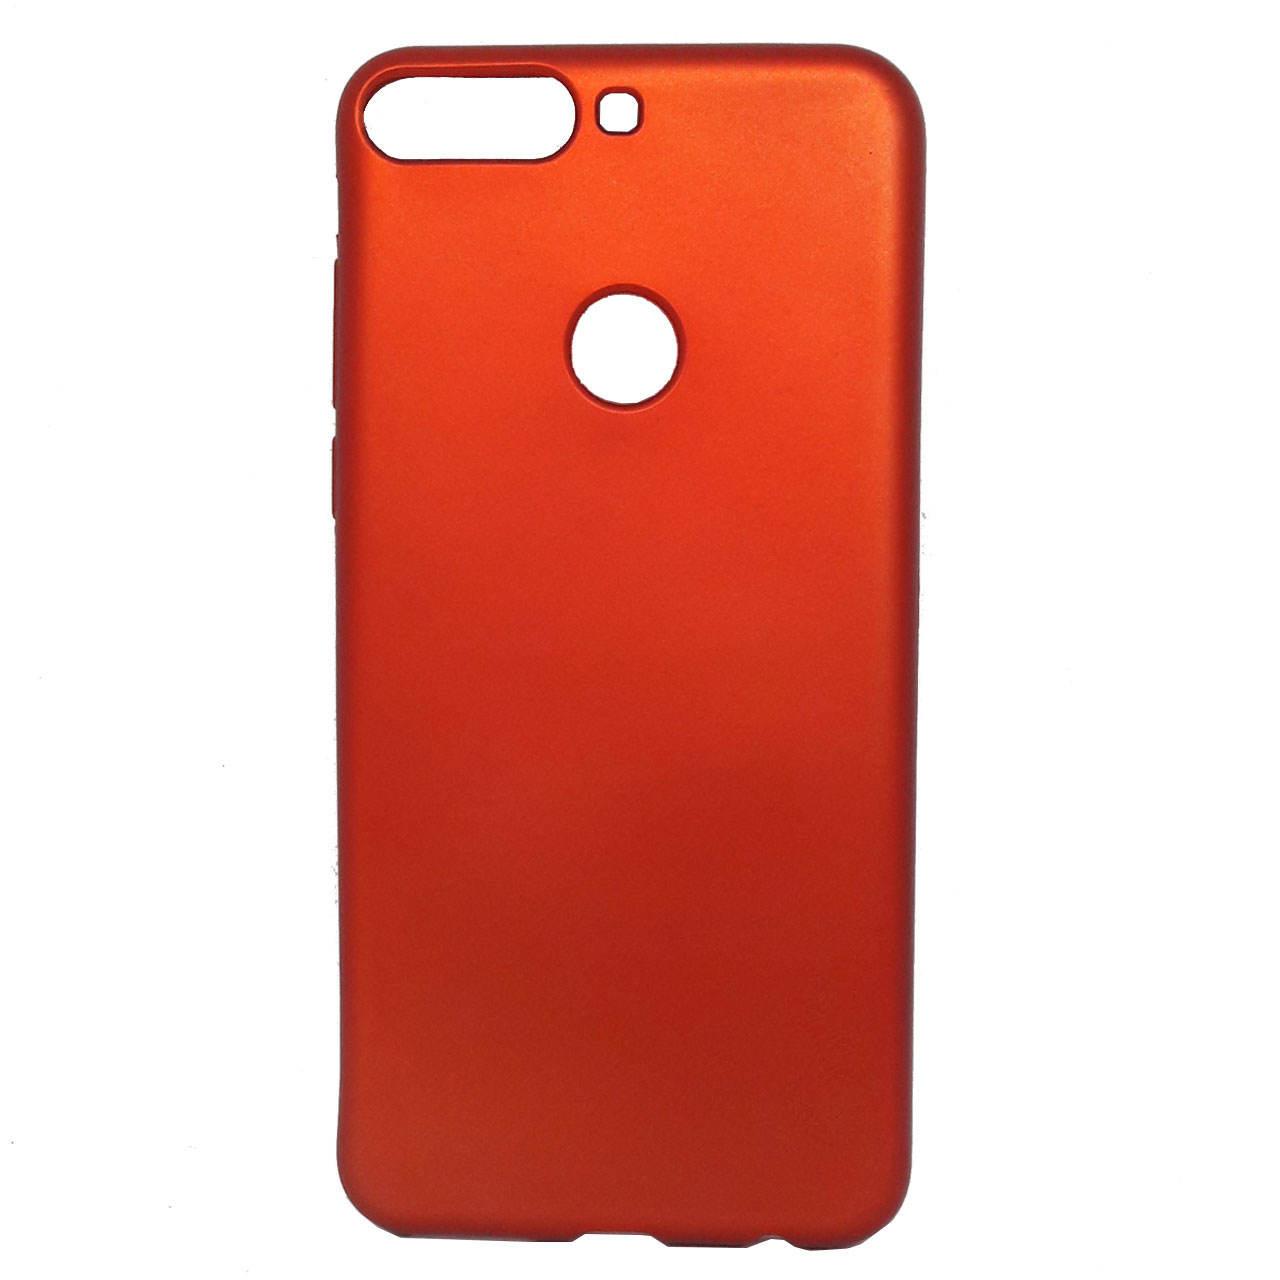 کاور مدل Soft Jelly مناسب برای گوشی موبایل هوآوی 7C